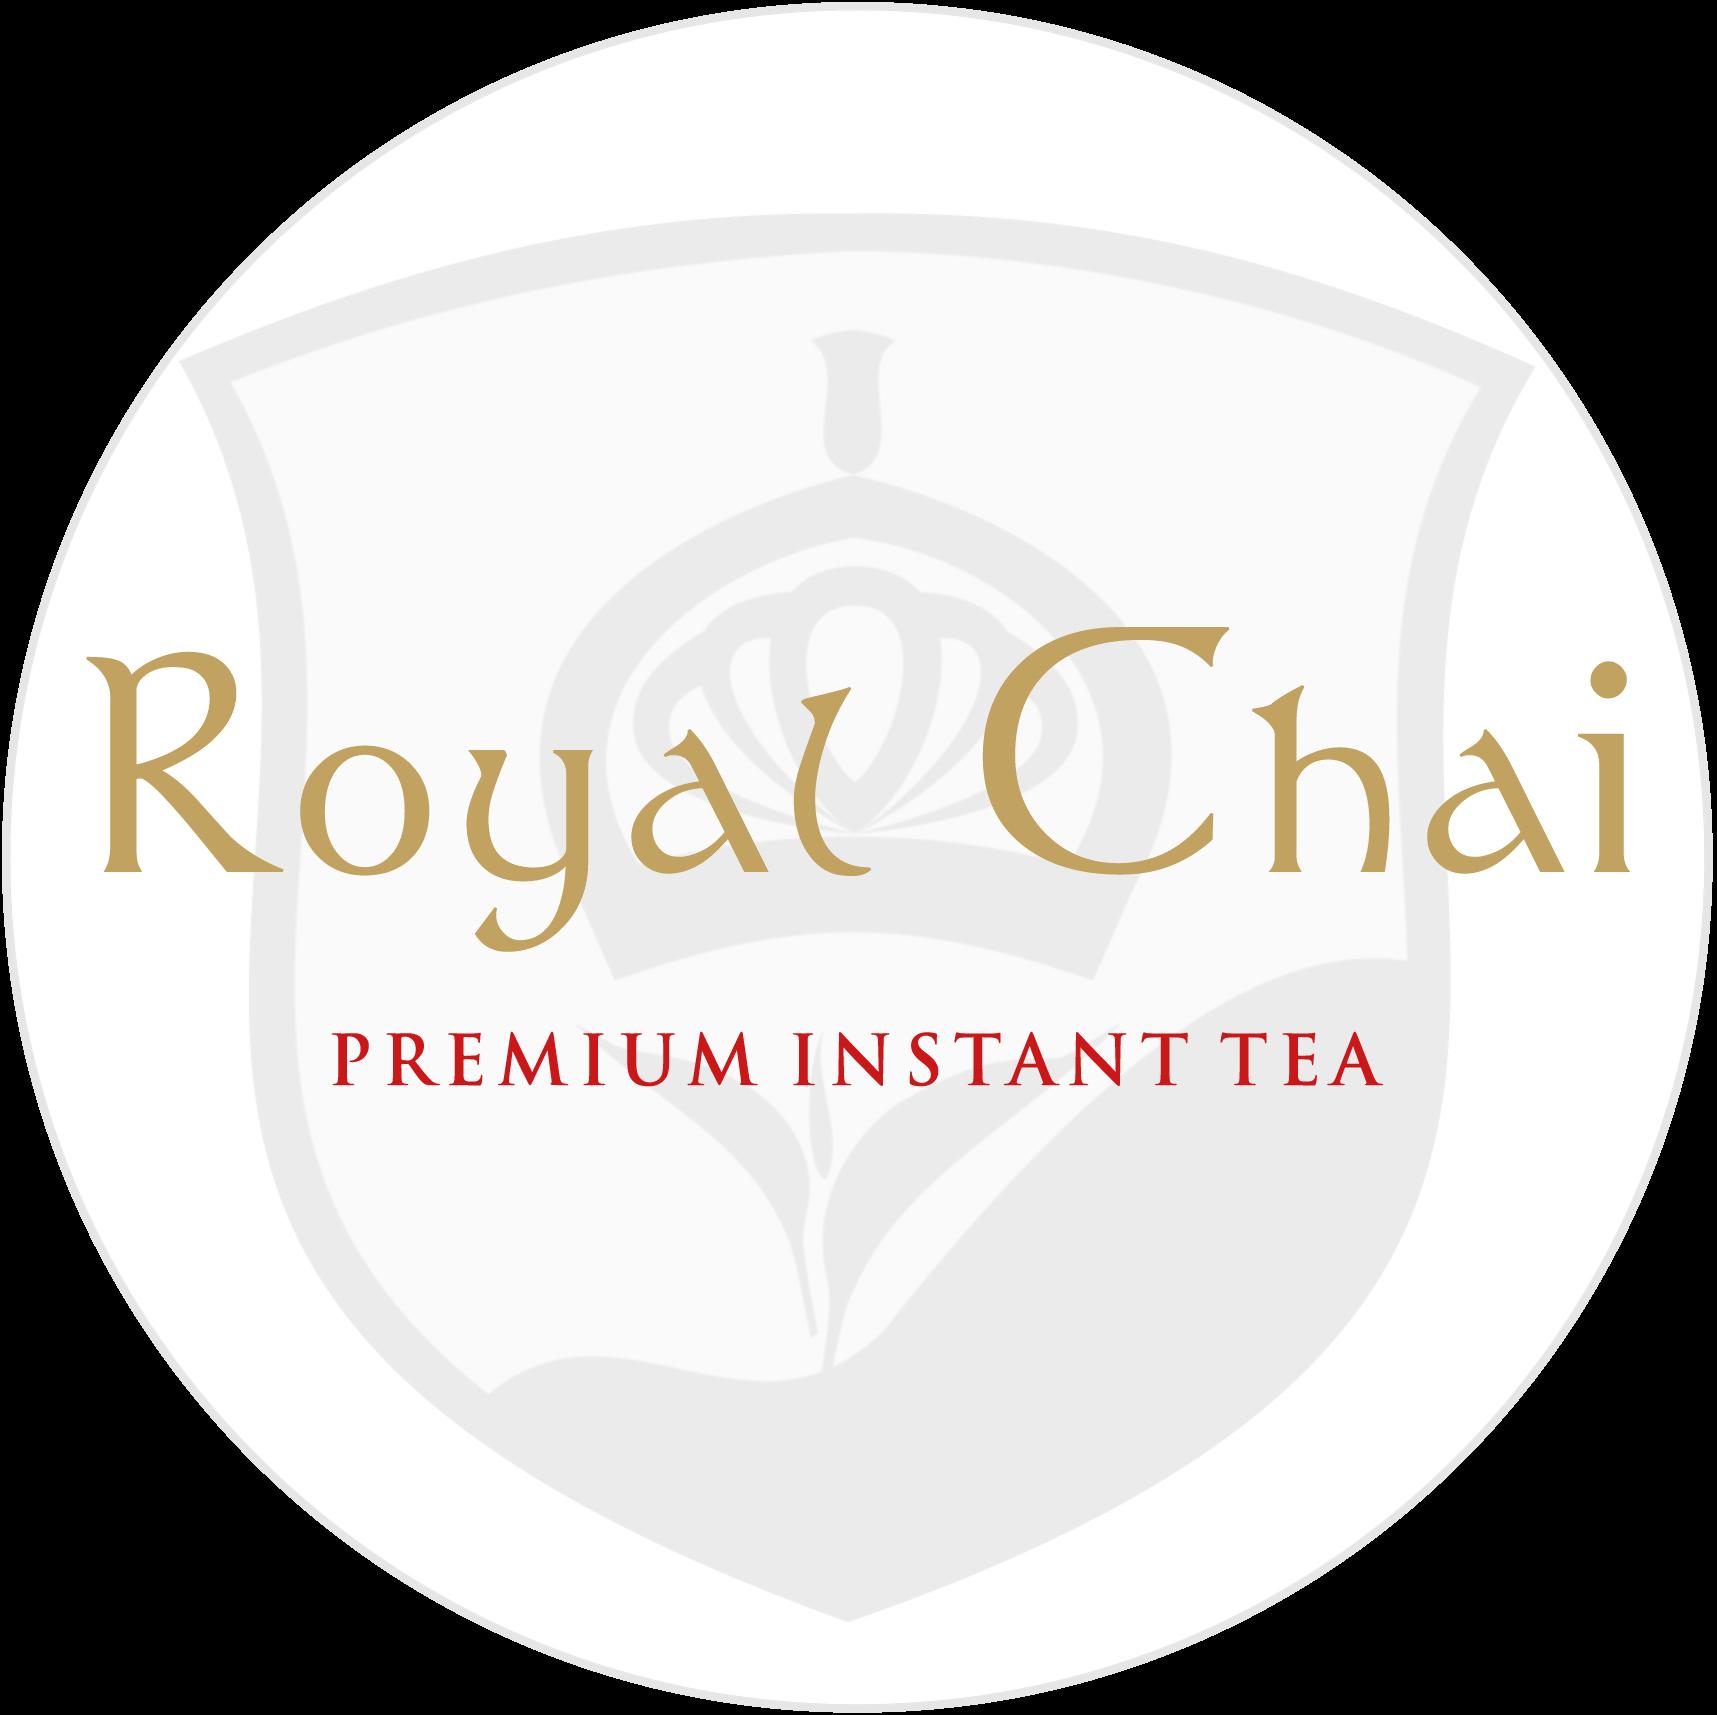 Royal Chai